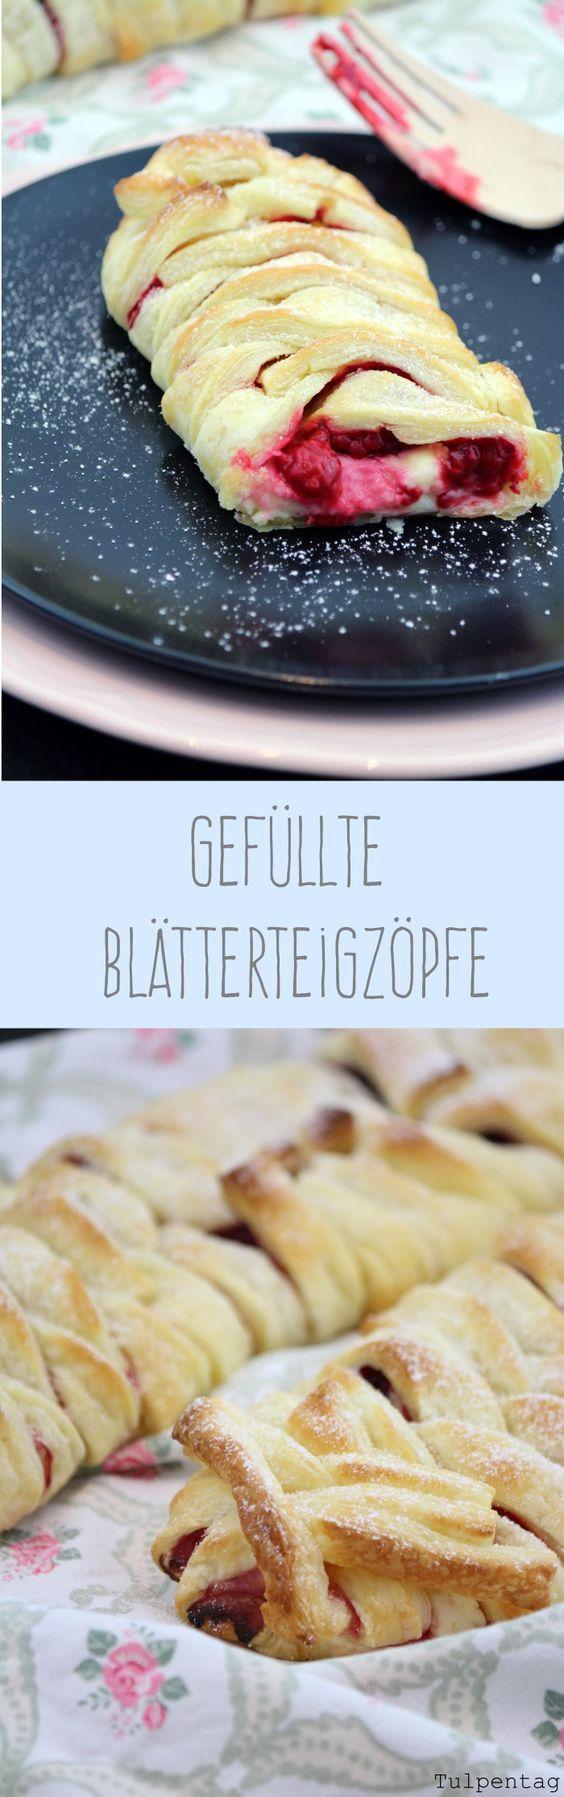 Tulpentag: Gefüllte Blätterteigzöpfe mit Vanillepudding und Himbeeren #rezept #schnell #Blätterteig